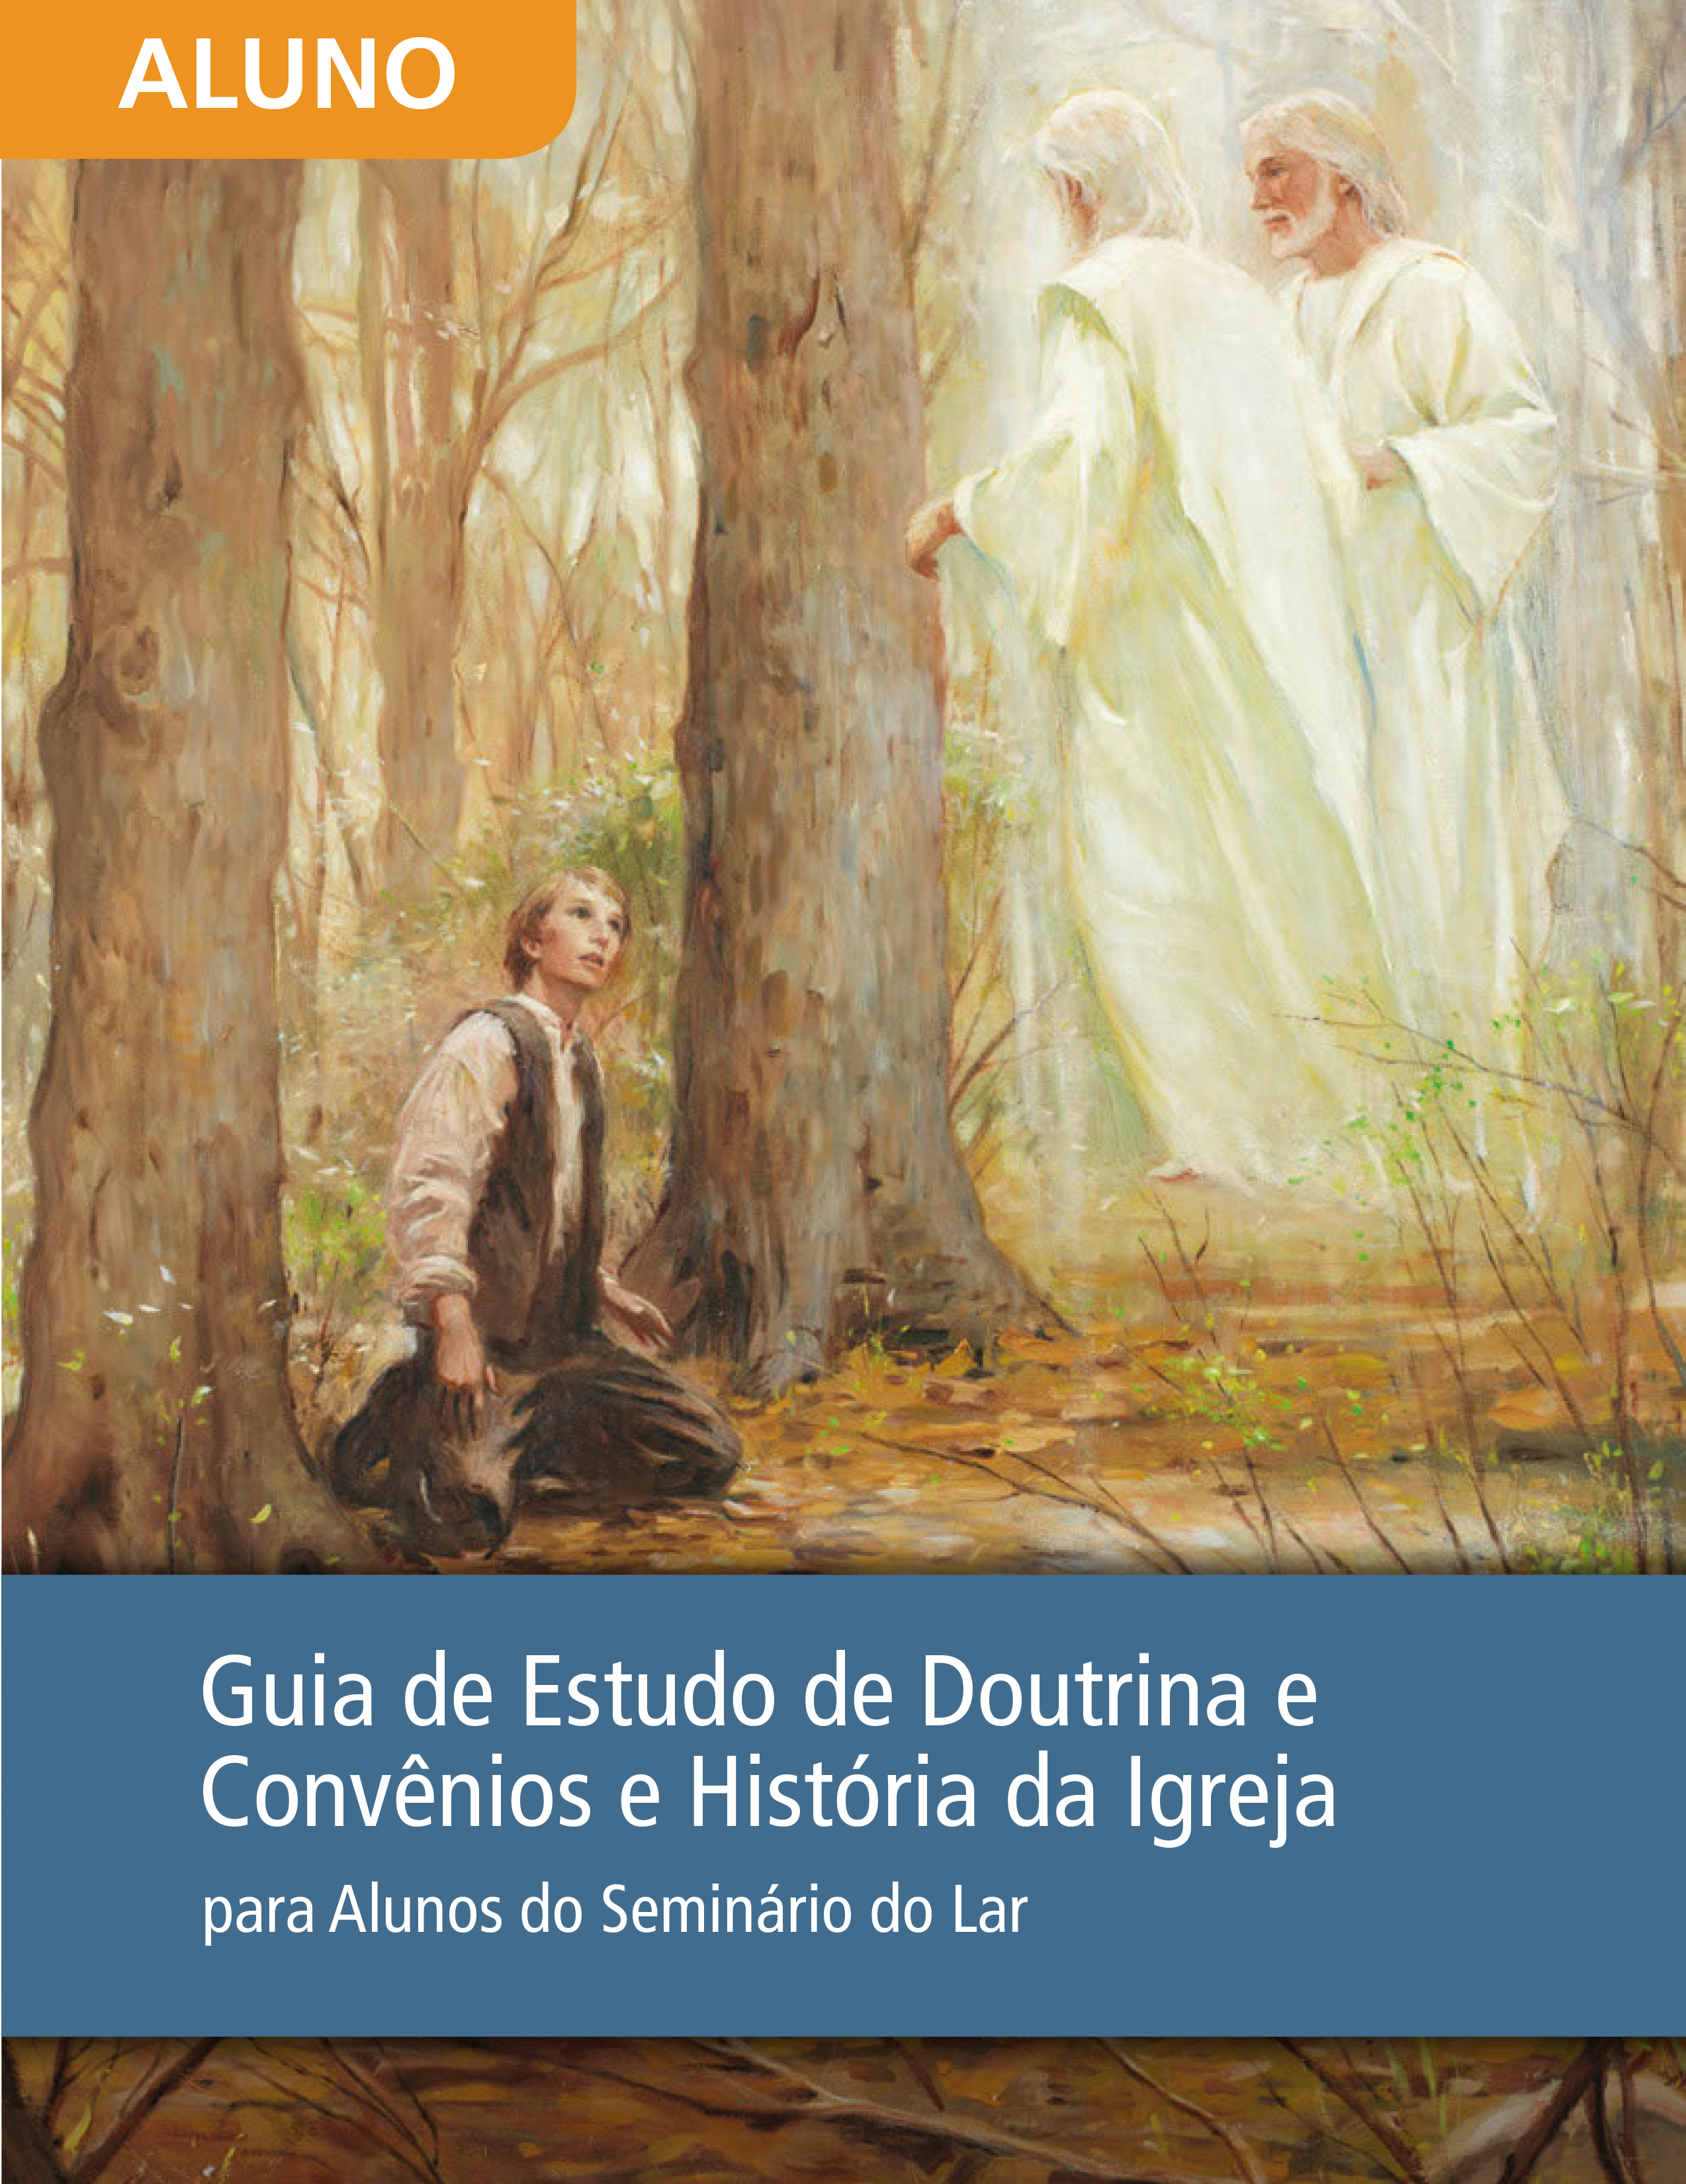 Guia de Estudo de Doutrina e Convênios e História da Igreja para Alunos do Seminário do Lar